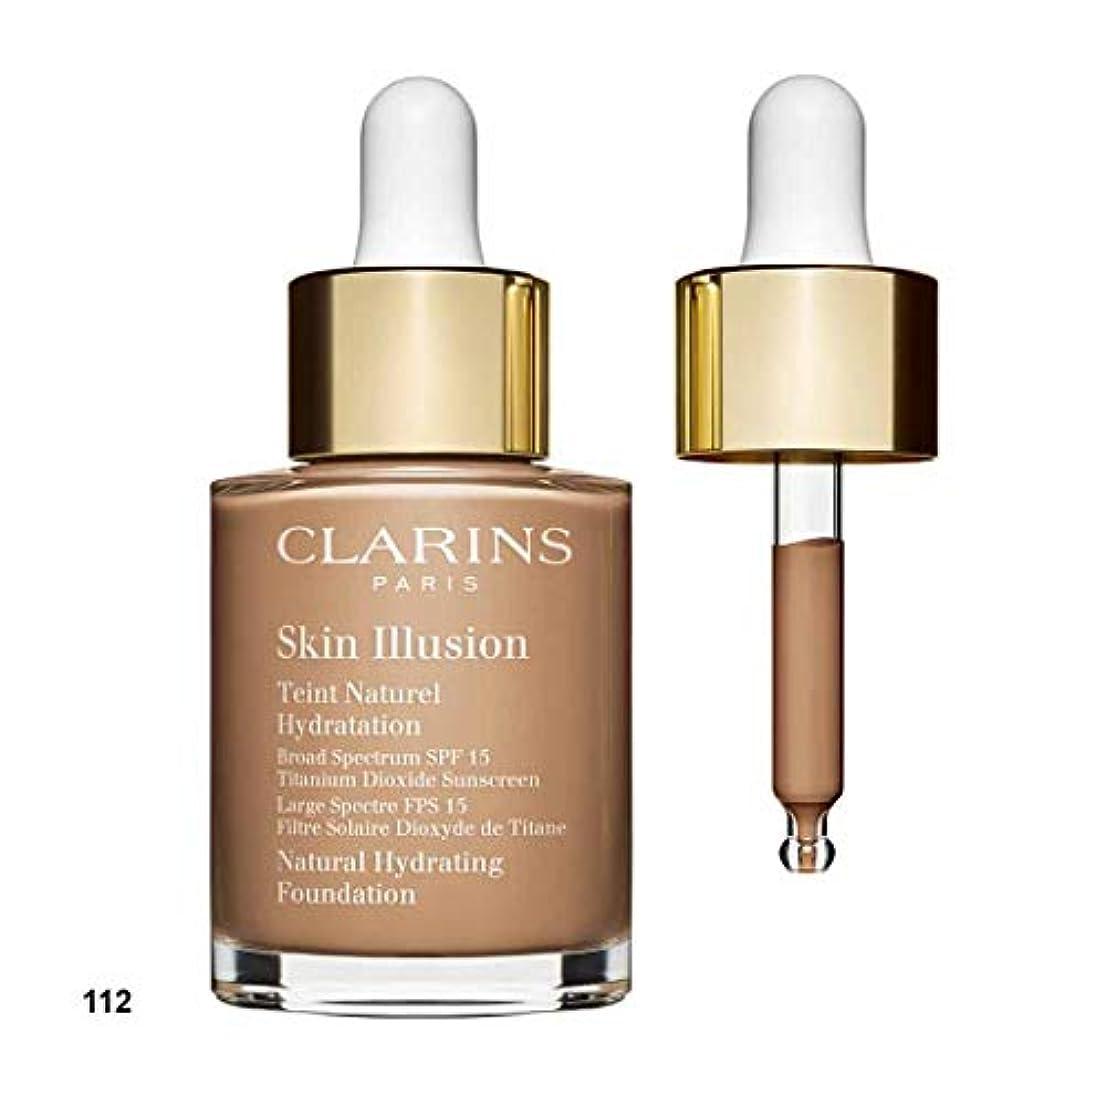 幻影絶対にの慈悲でクラランス Skin Illusion Natural Hydrating Foundation SPF 15# 112 Amber 30ml/1oz並行輸入品